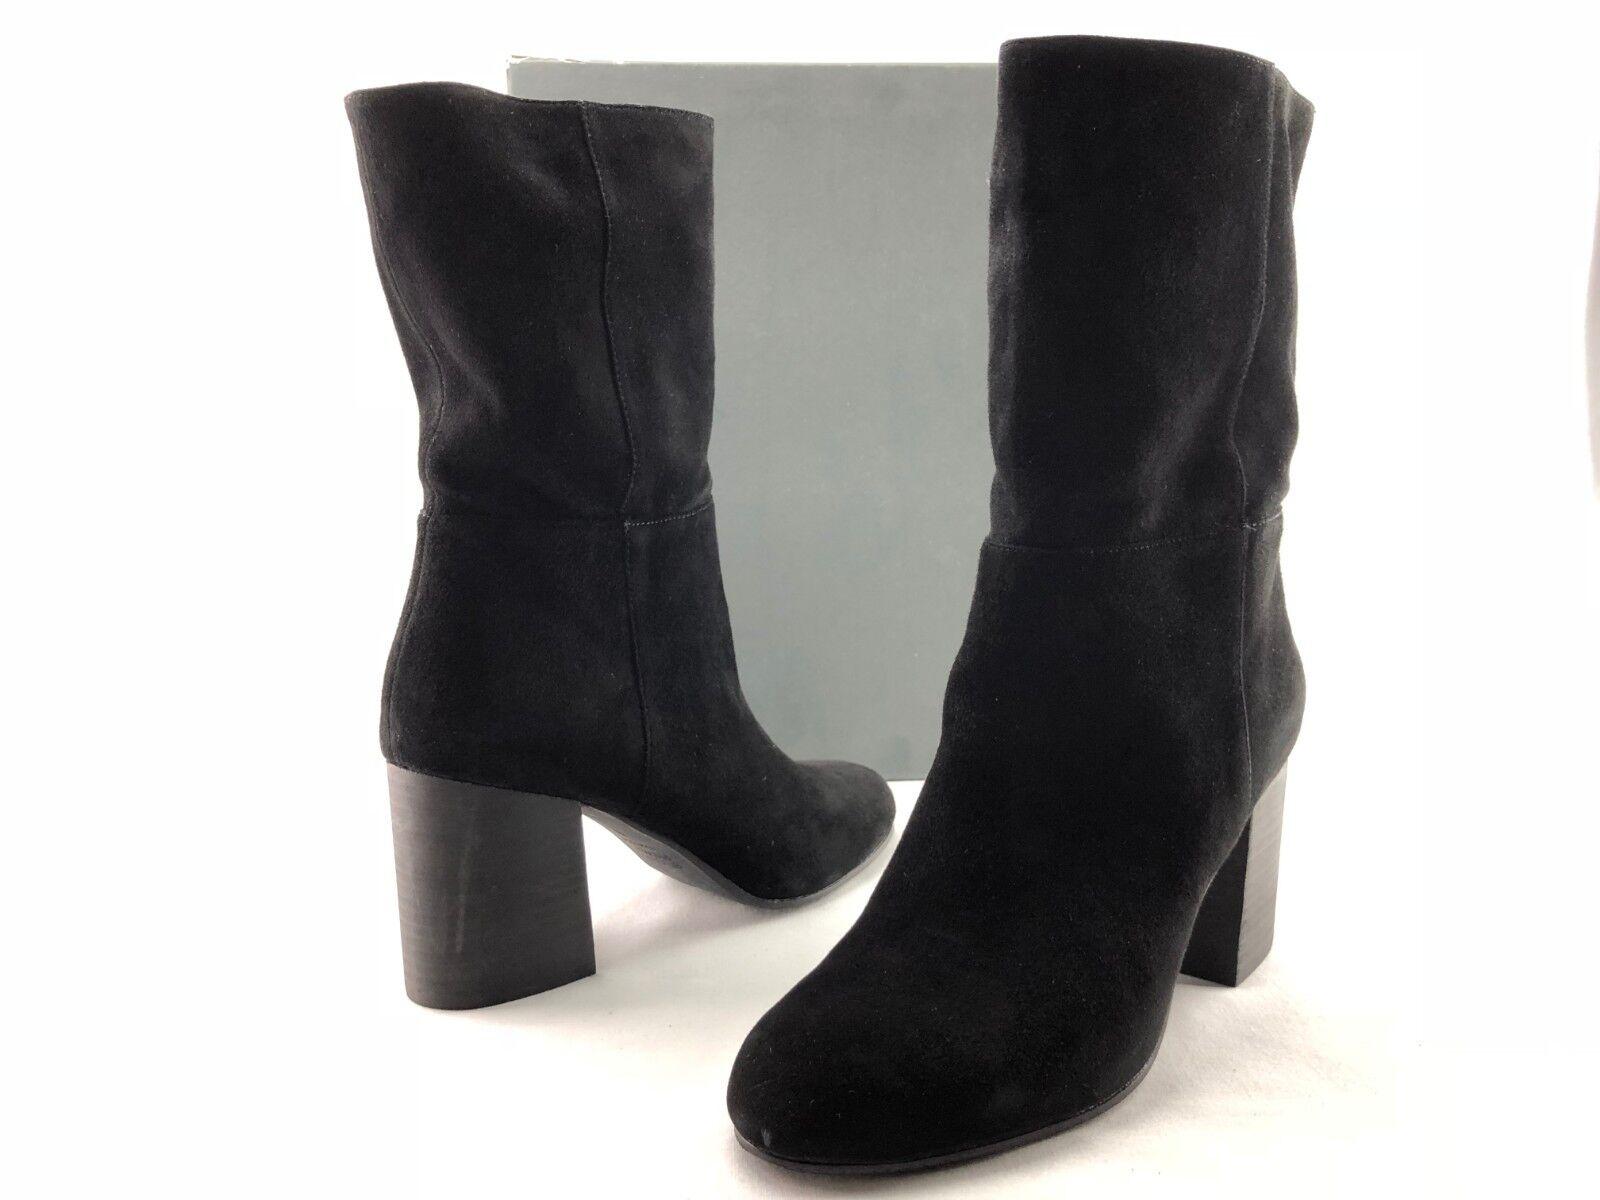 Eileen Fisher Cinch Mujer Negro Ante Mitad de Pantorrilla botas taco de bloque nos 9 M C580